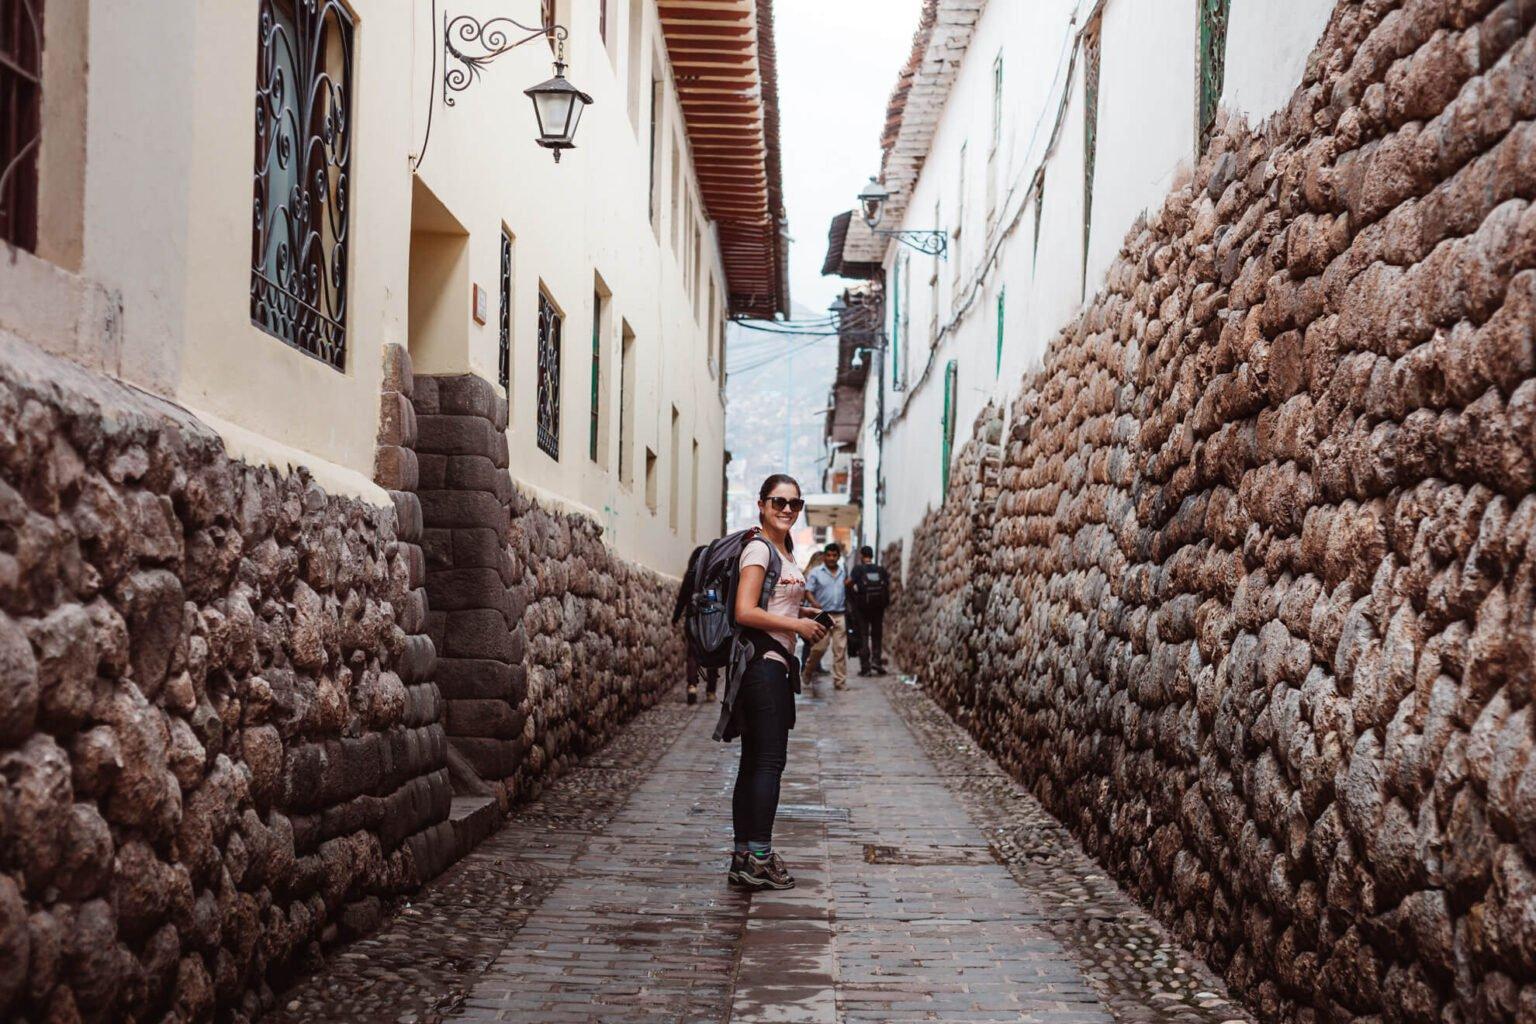 Pelas ruas de Cusco | City Tour em Cusco, Peru